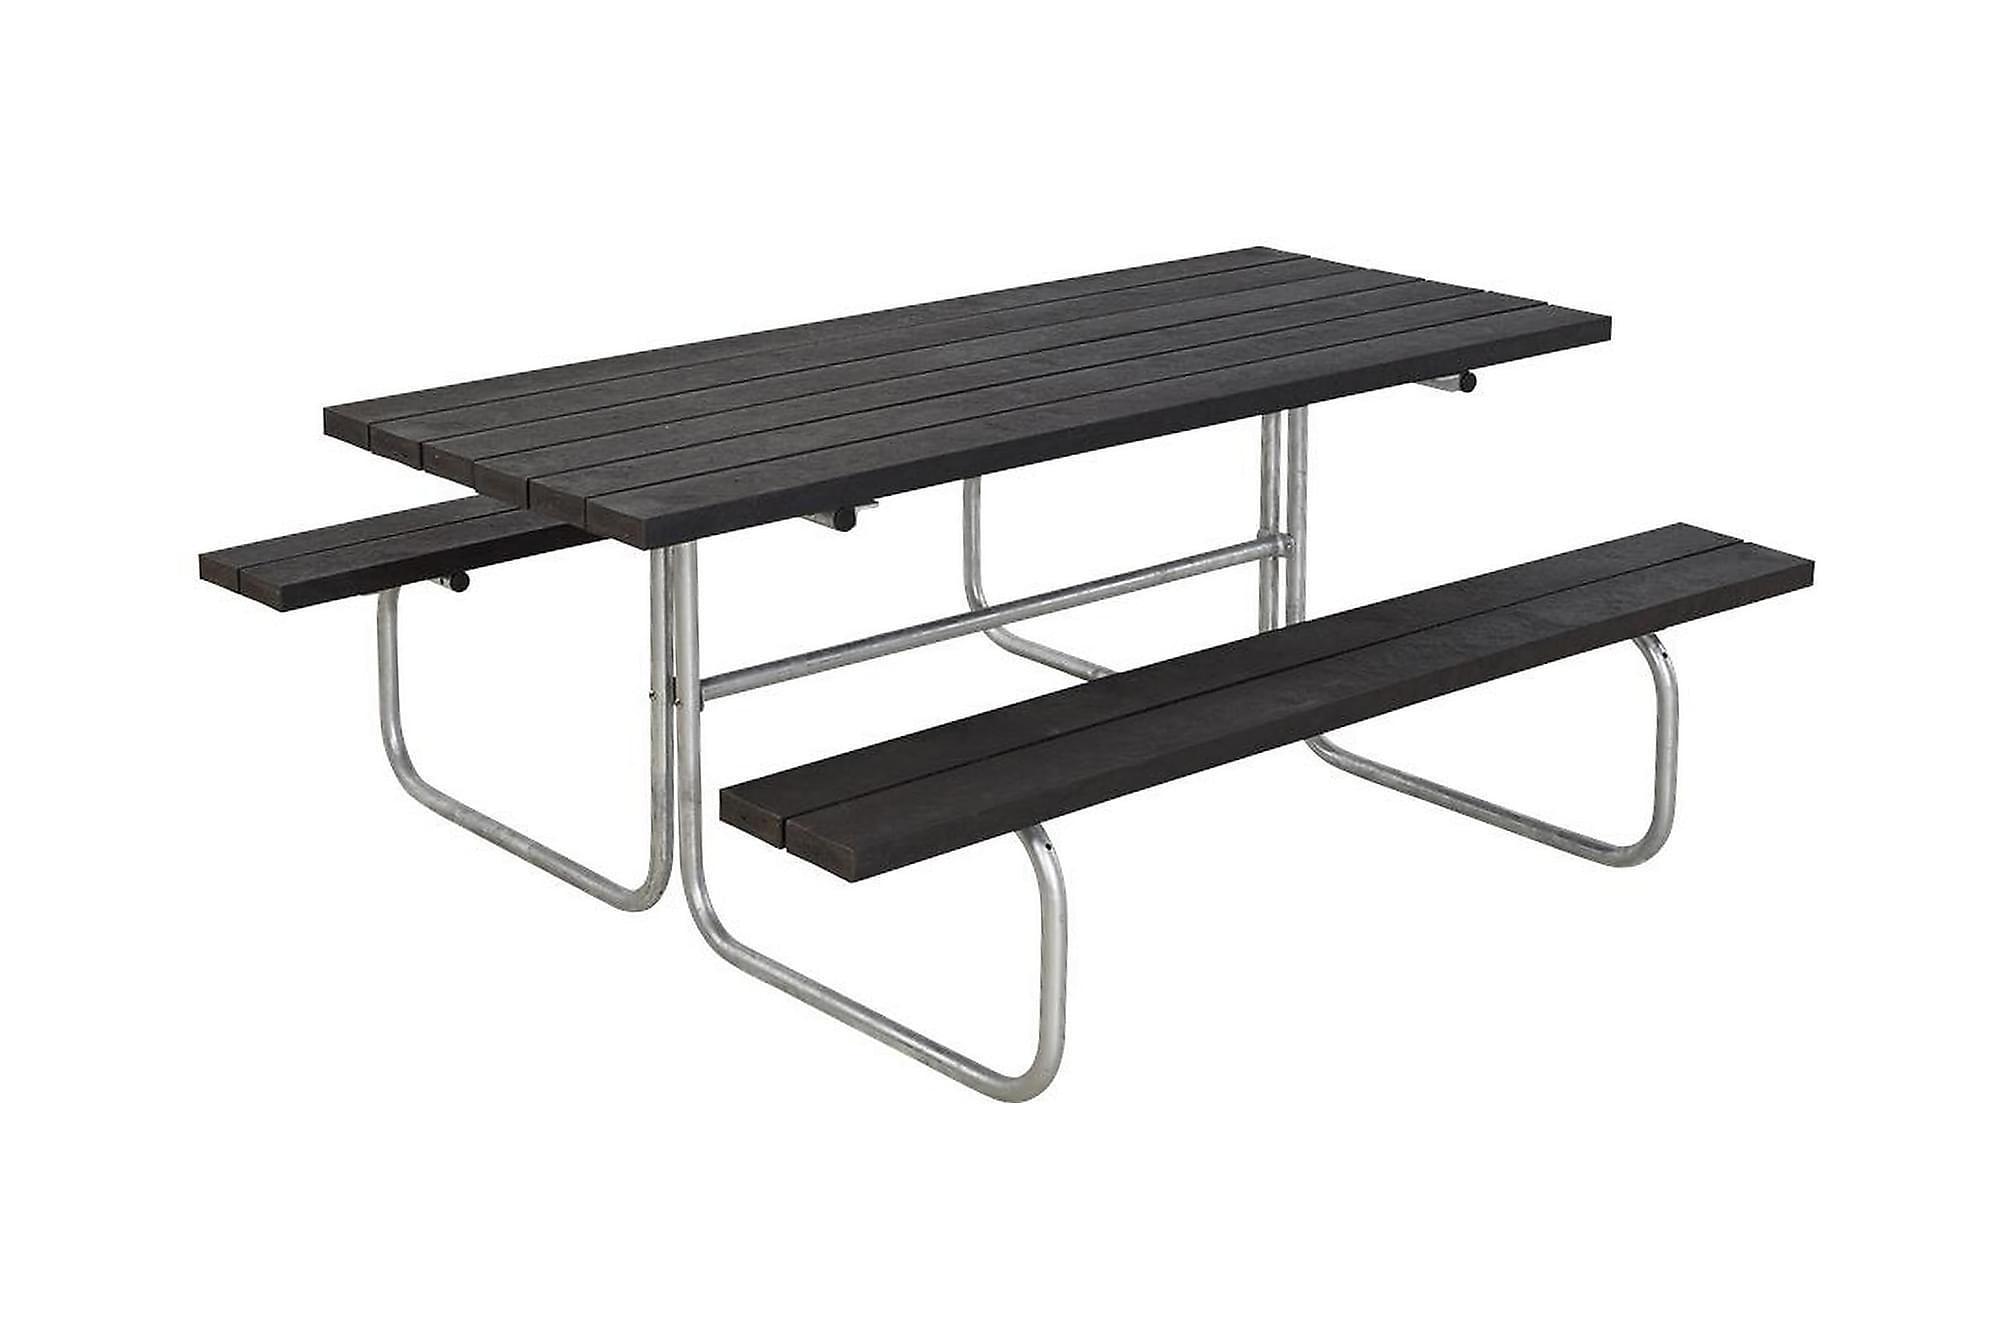 CLASSIC Bänkset Svart, Bänkbord